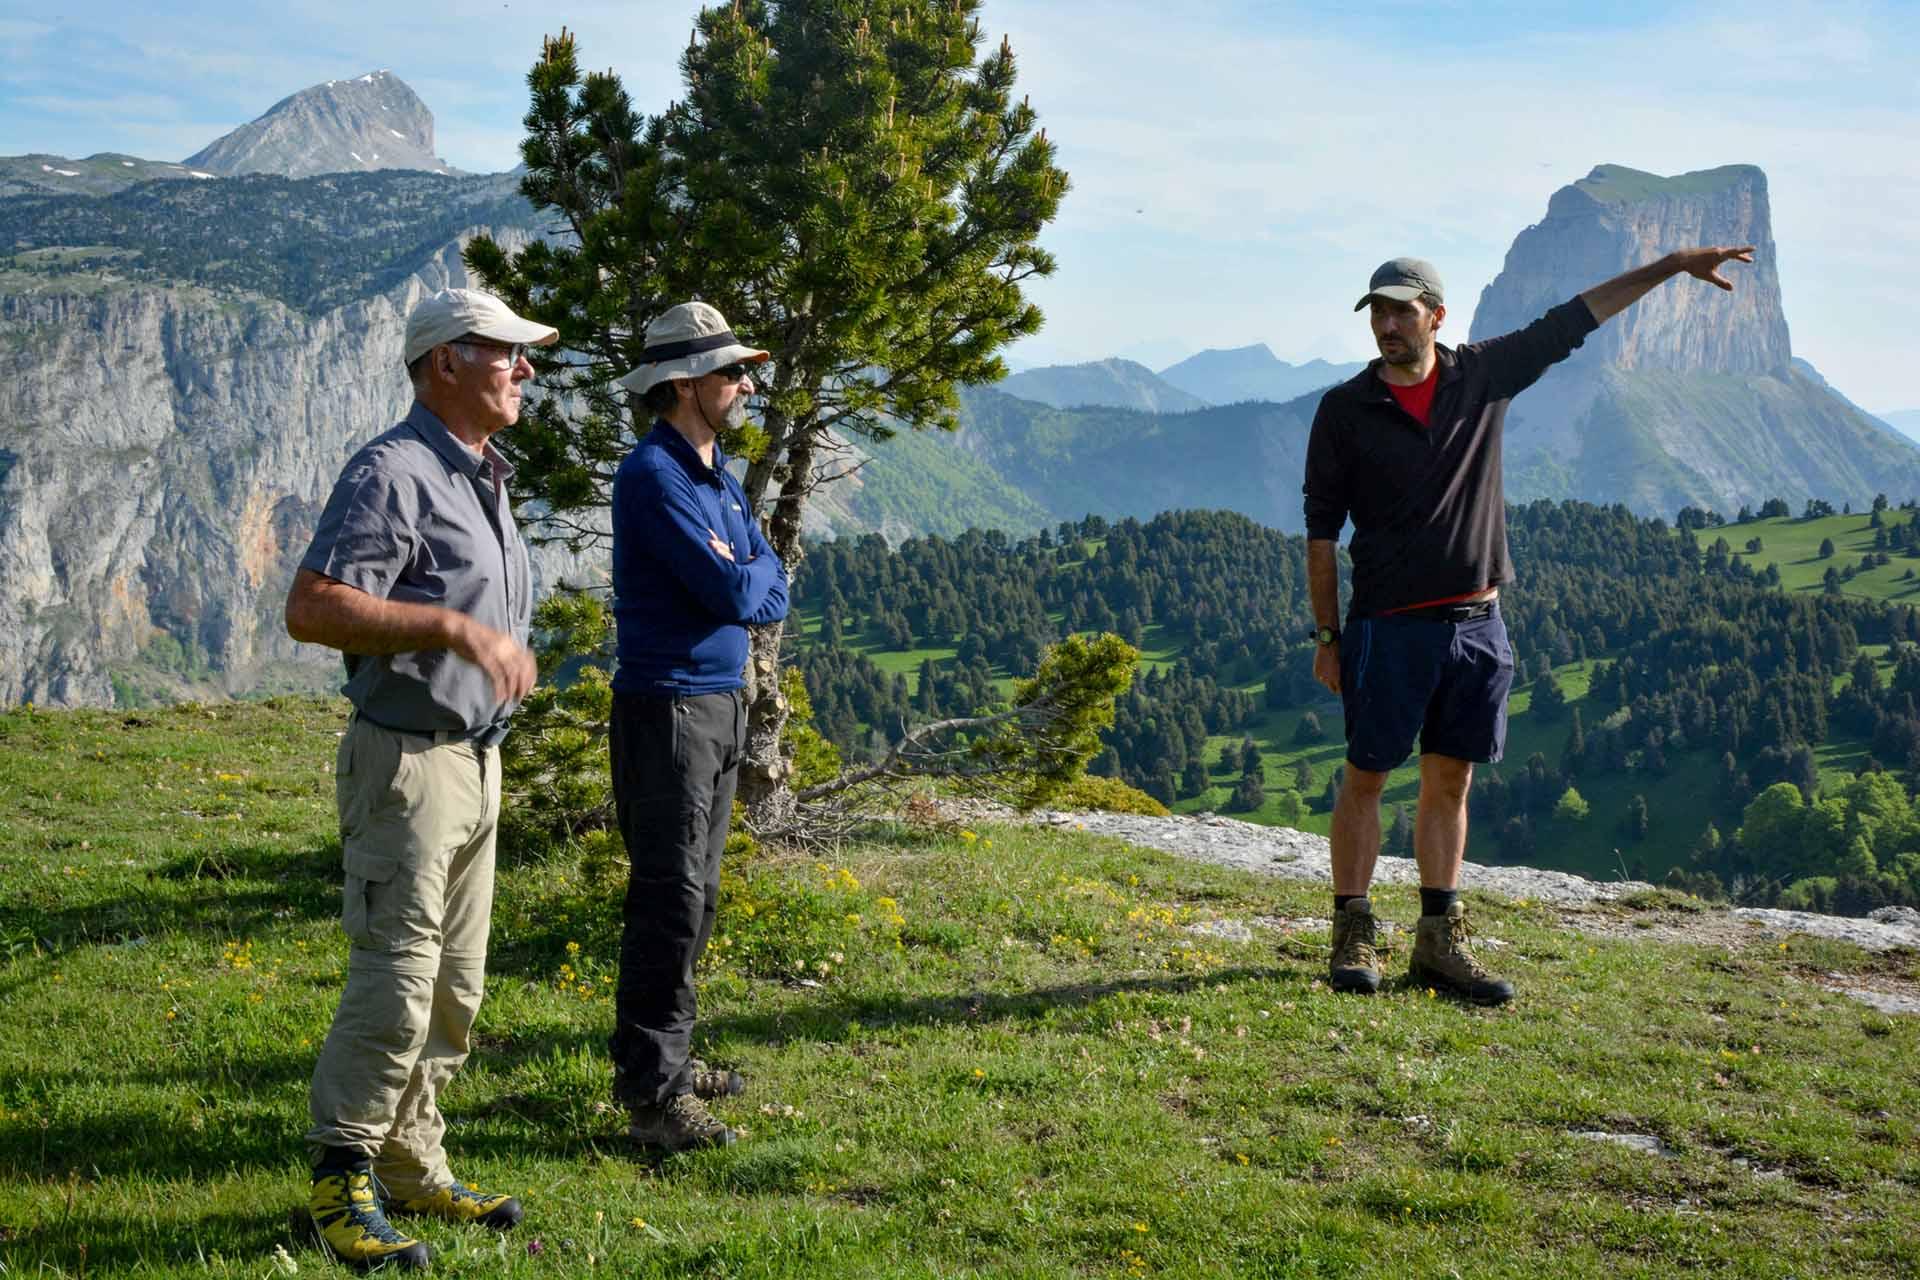 Slow Rando Sejour Liberte Decouverte Bivouac Hauts Plateaux Vercors Mont Aiguille Matthieu Chambaud